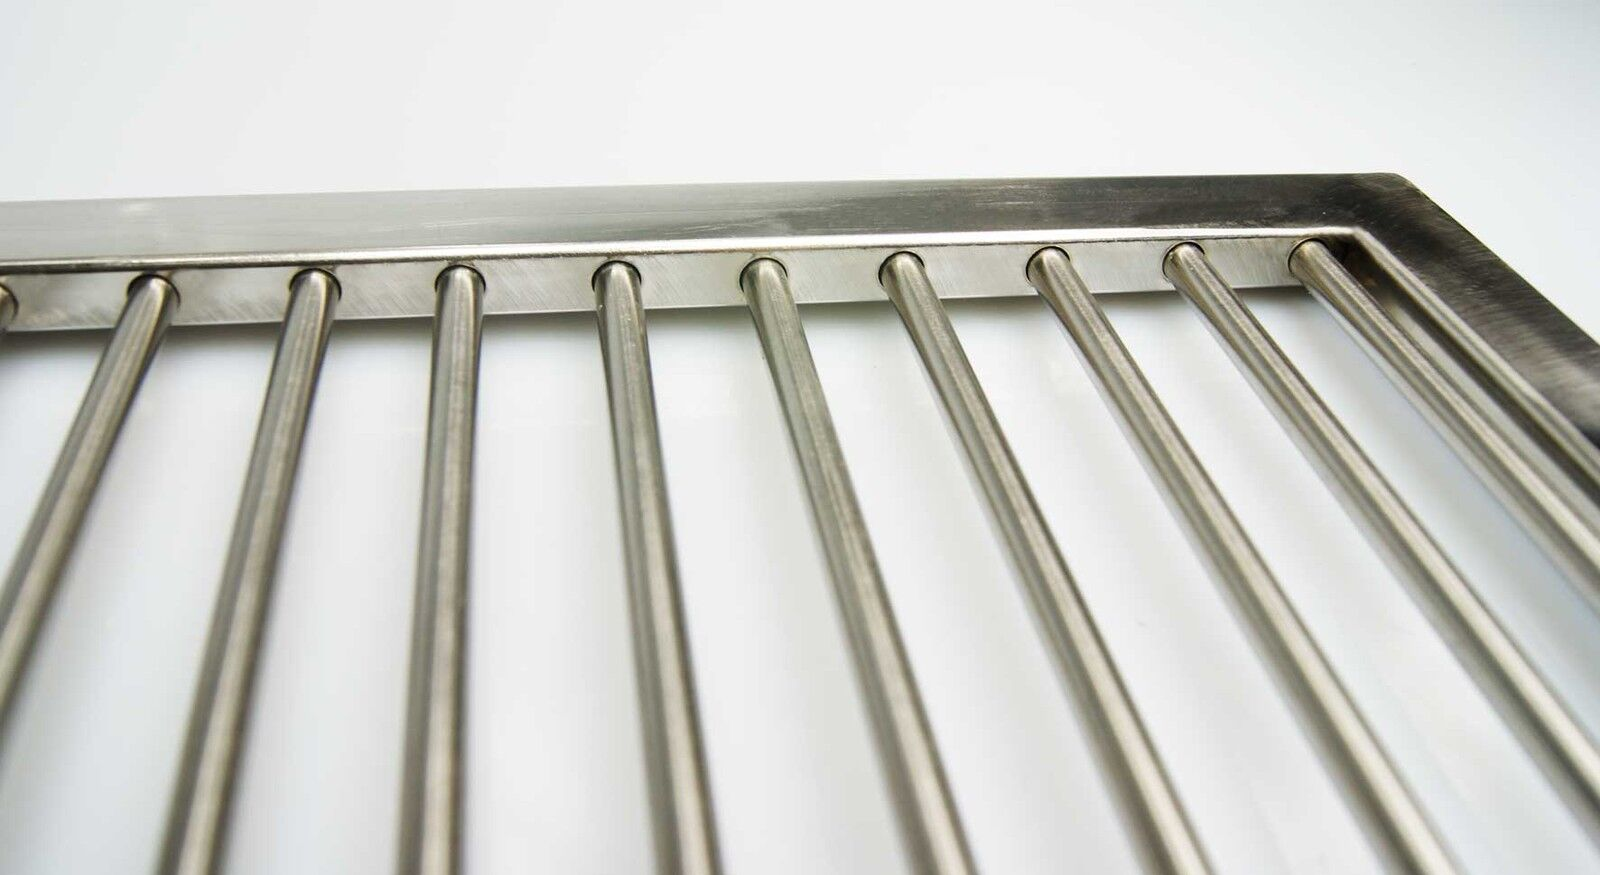 grillrost edelstahl 52 x 44 5 weber spirit e 210 ab 2013 grill gasgrill genesis eur 64 90. Black Bedroom Furniture Sets. Home Design Ideas